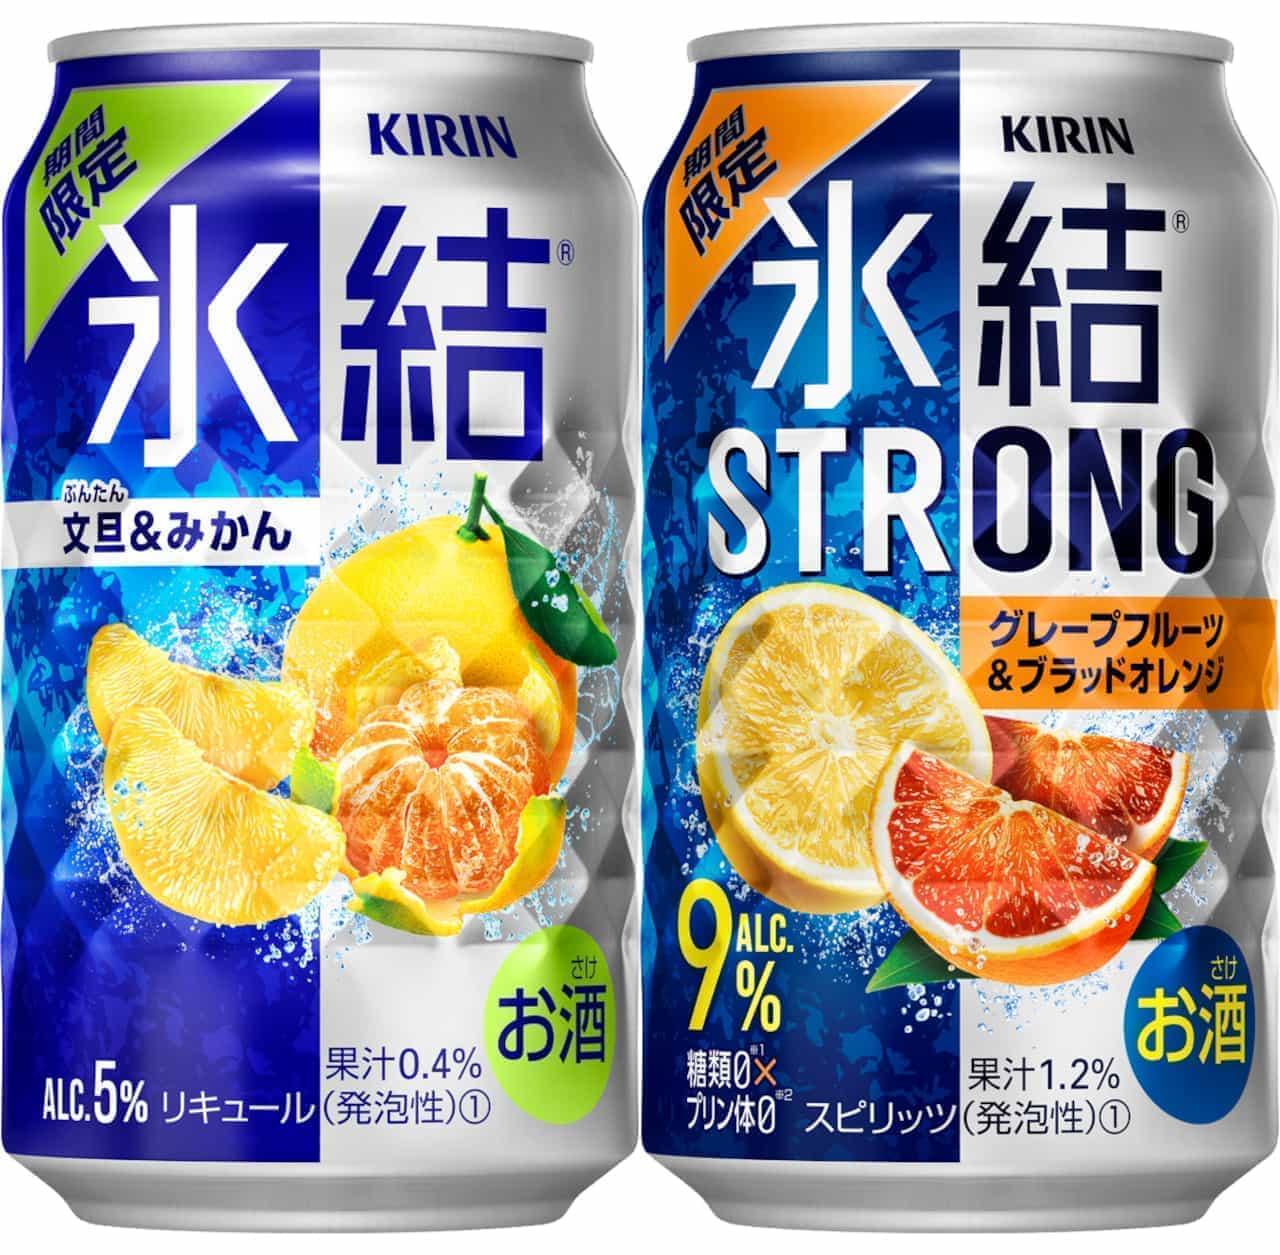 キリンビール「キリン 氷結 文旦&みかん」「キリン 氷結ストロング グレープフルーツ&ブラッドオレンジ」